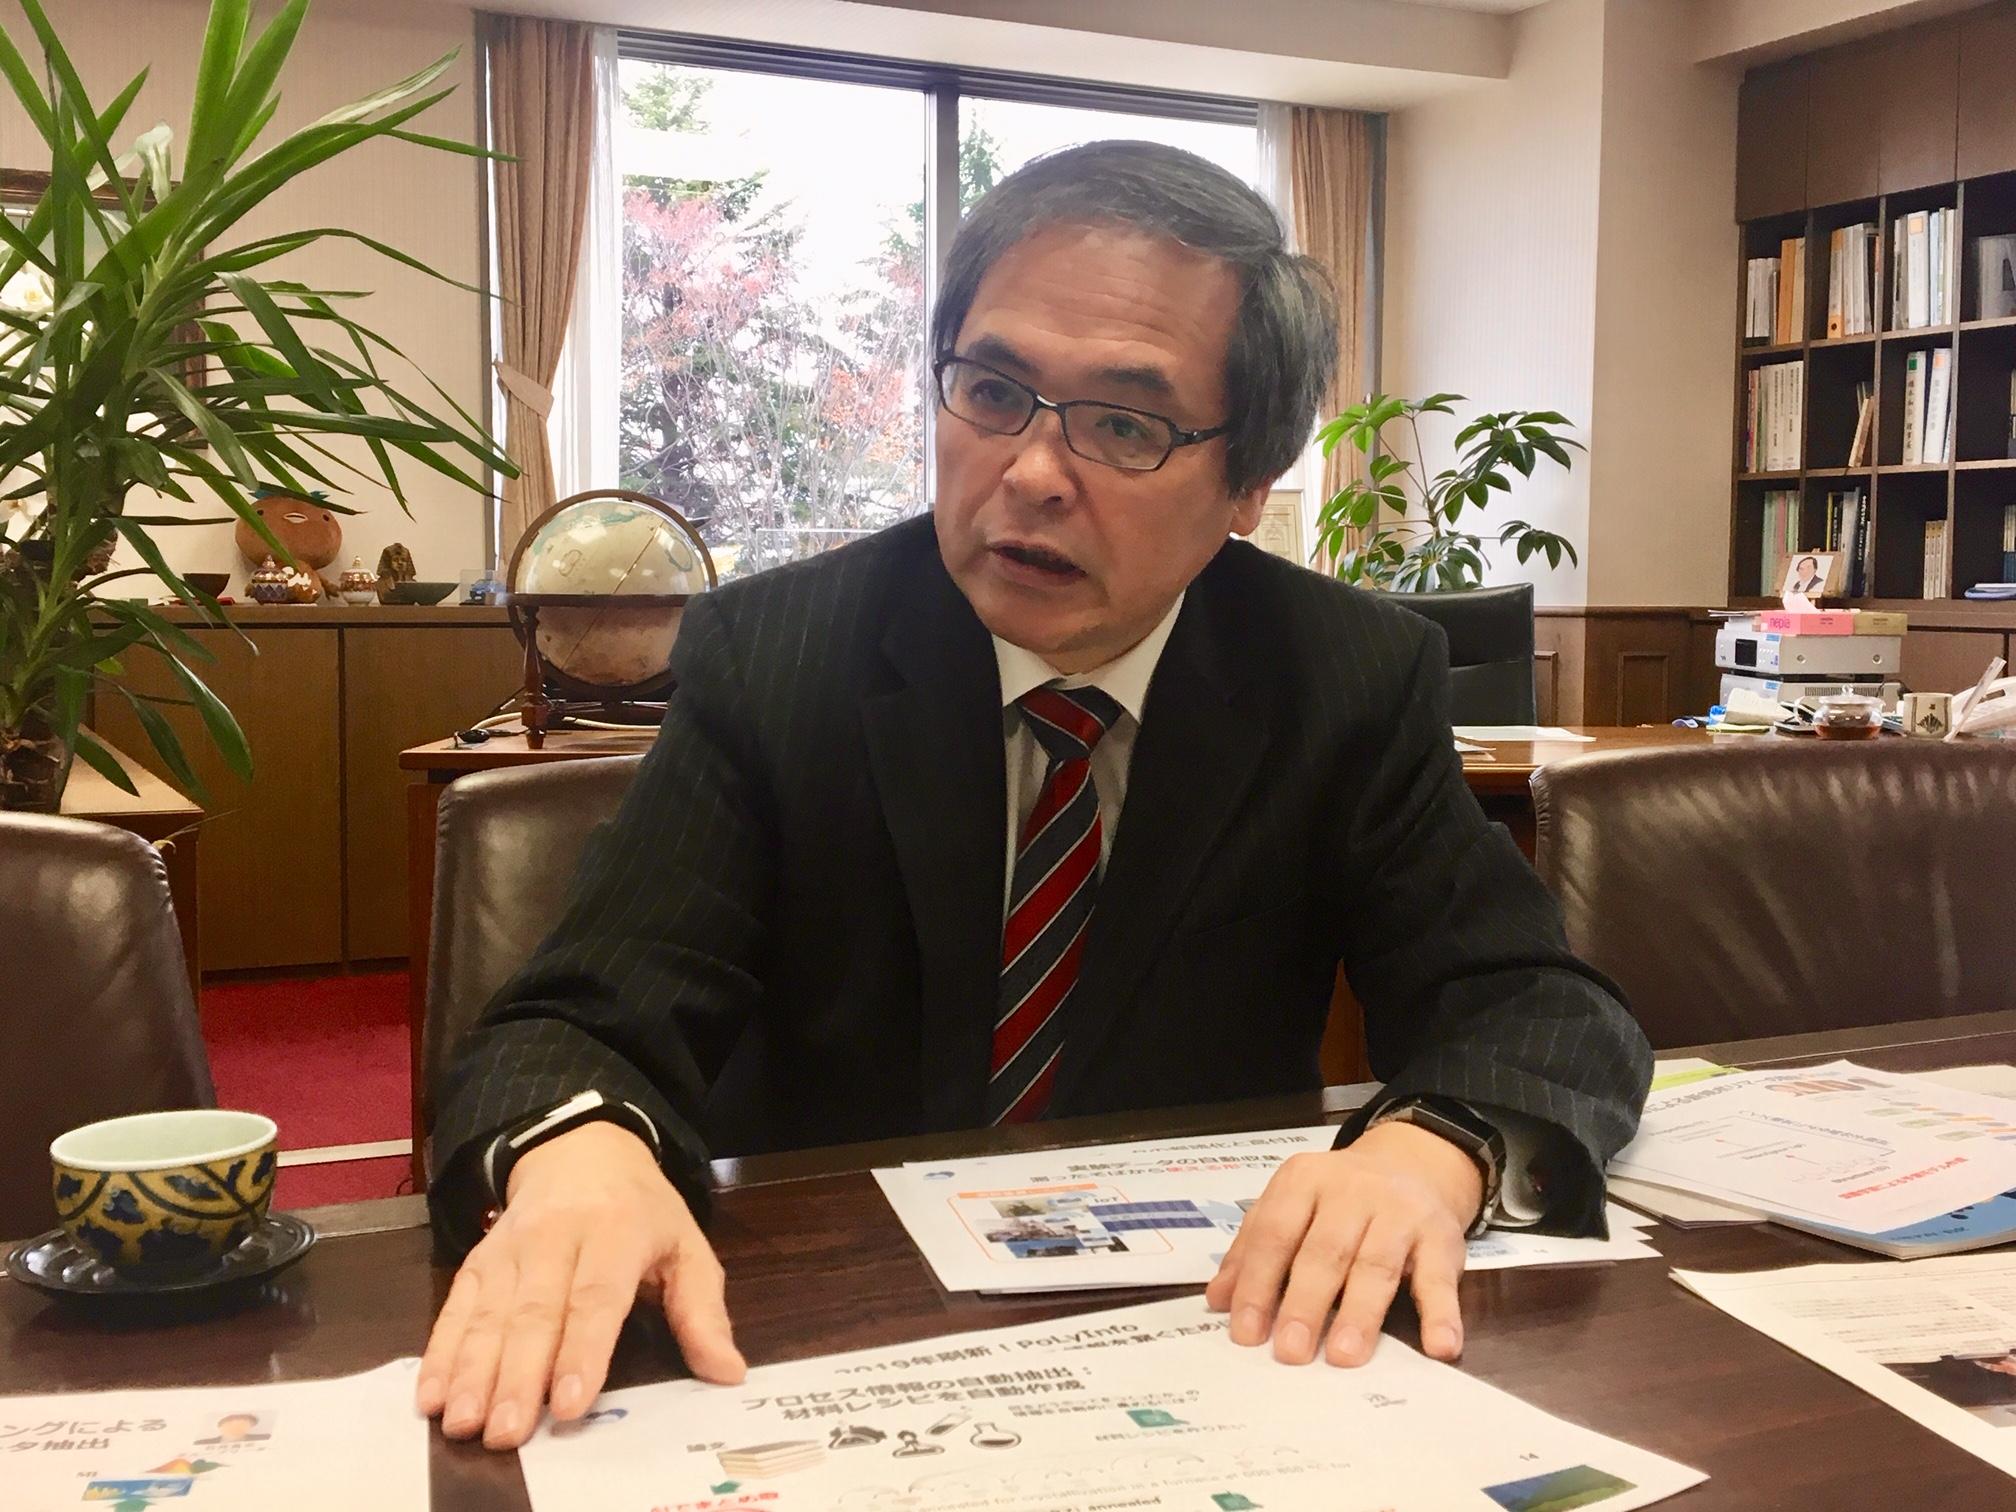 橋本 和仁 国立研究開発法人物質・材料研究機構 理事長/総合科学技術・イノベーション会議 議員